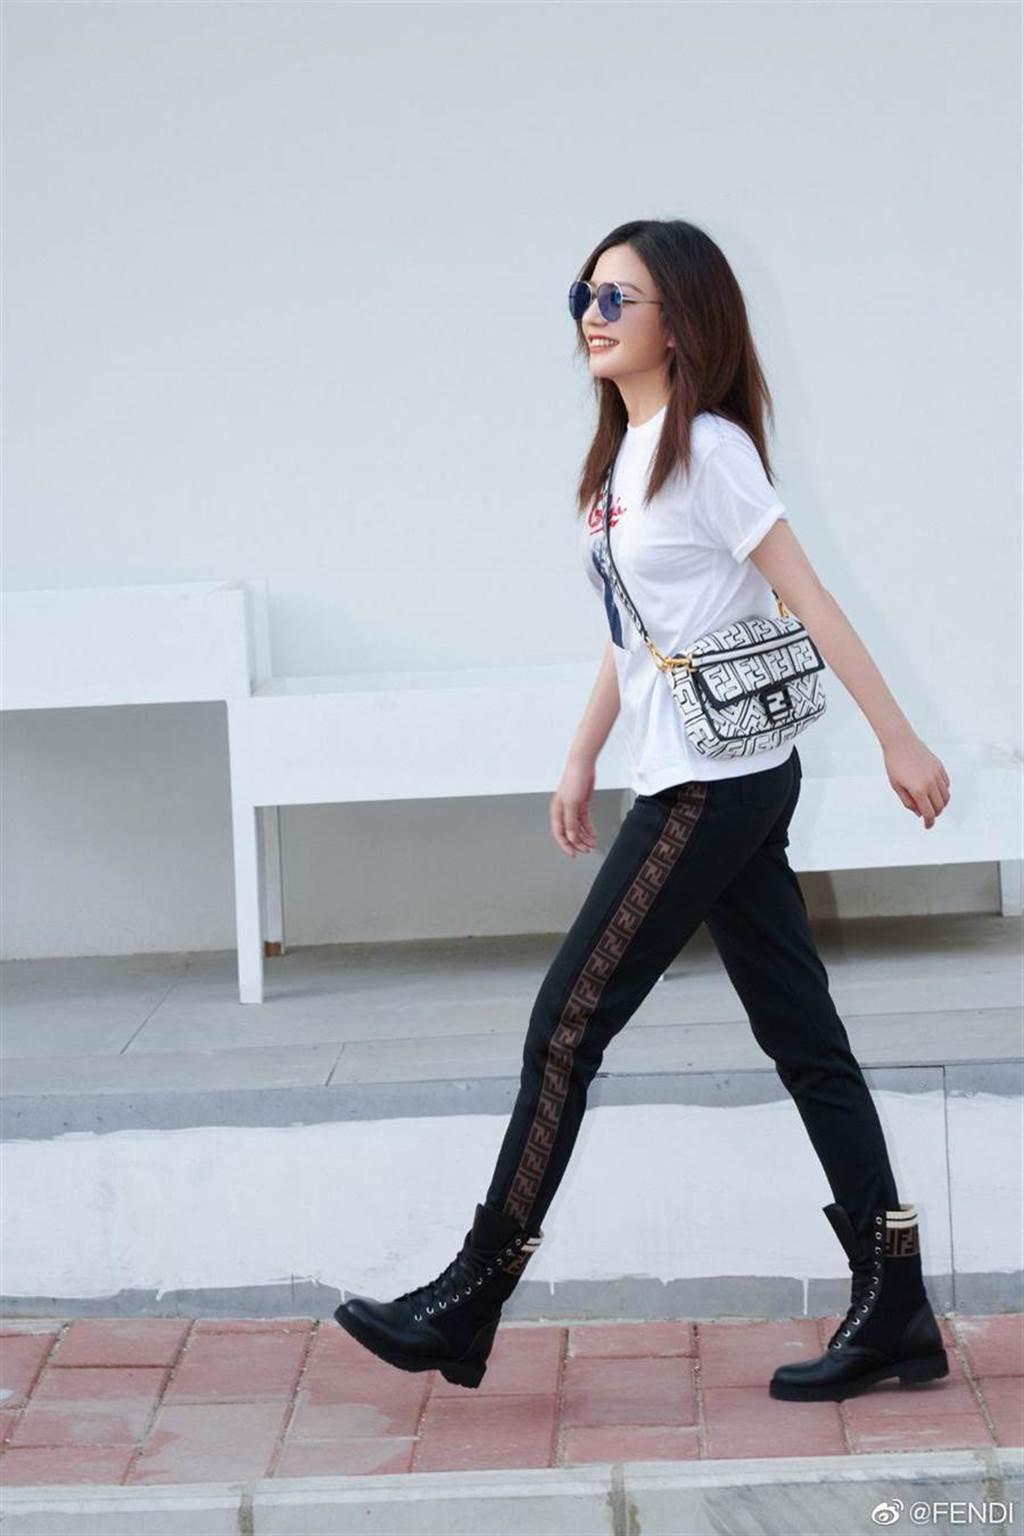 趙薇身穿FENDI Baguette現身街頭,展現率性魅力。(翻攝自FENDI微博)